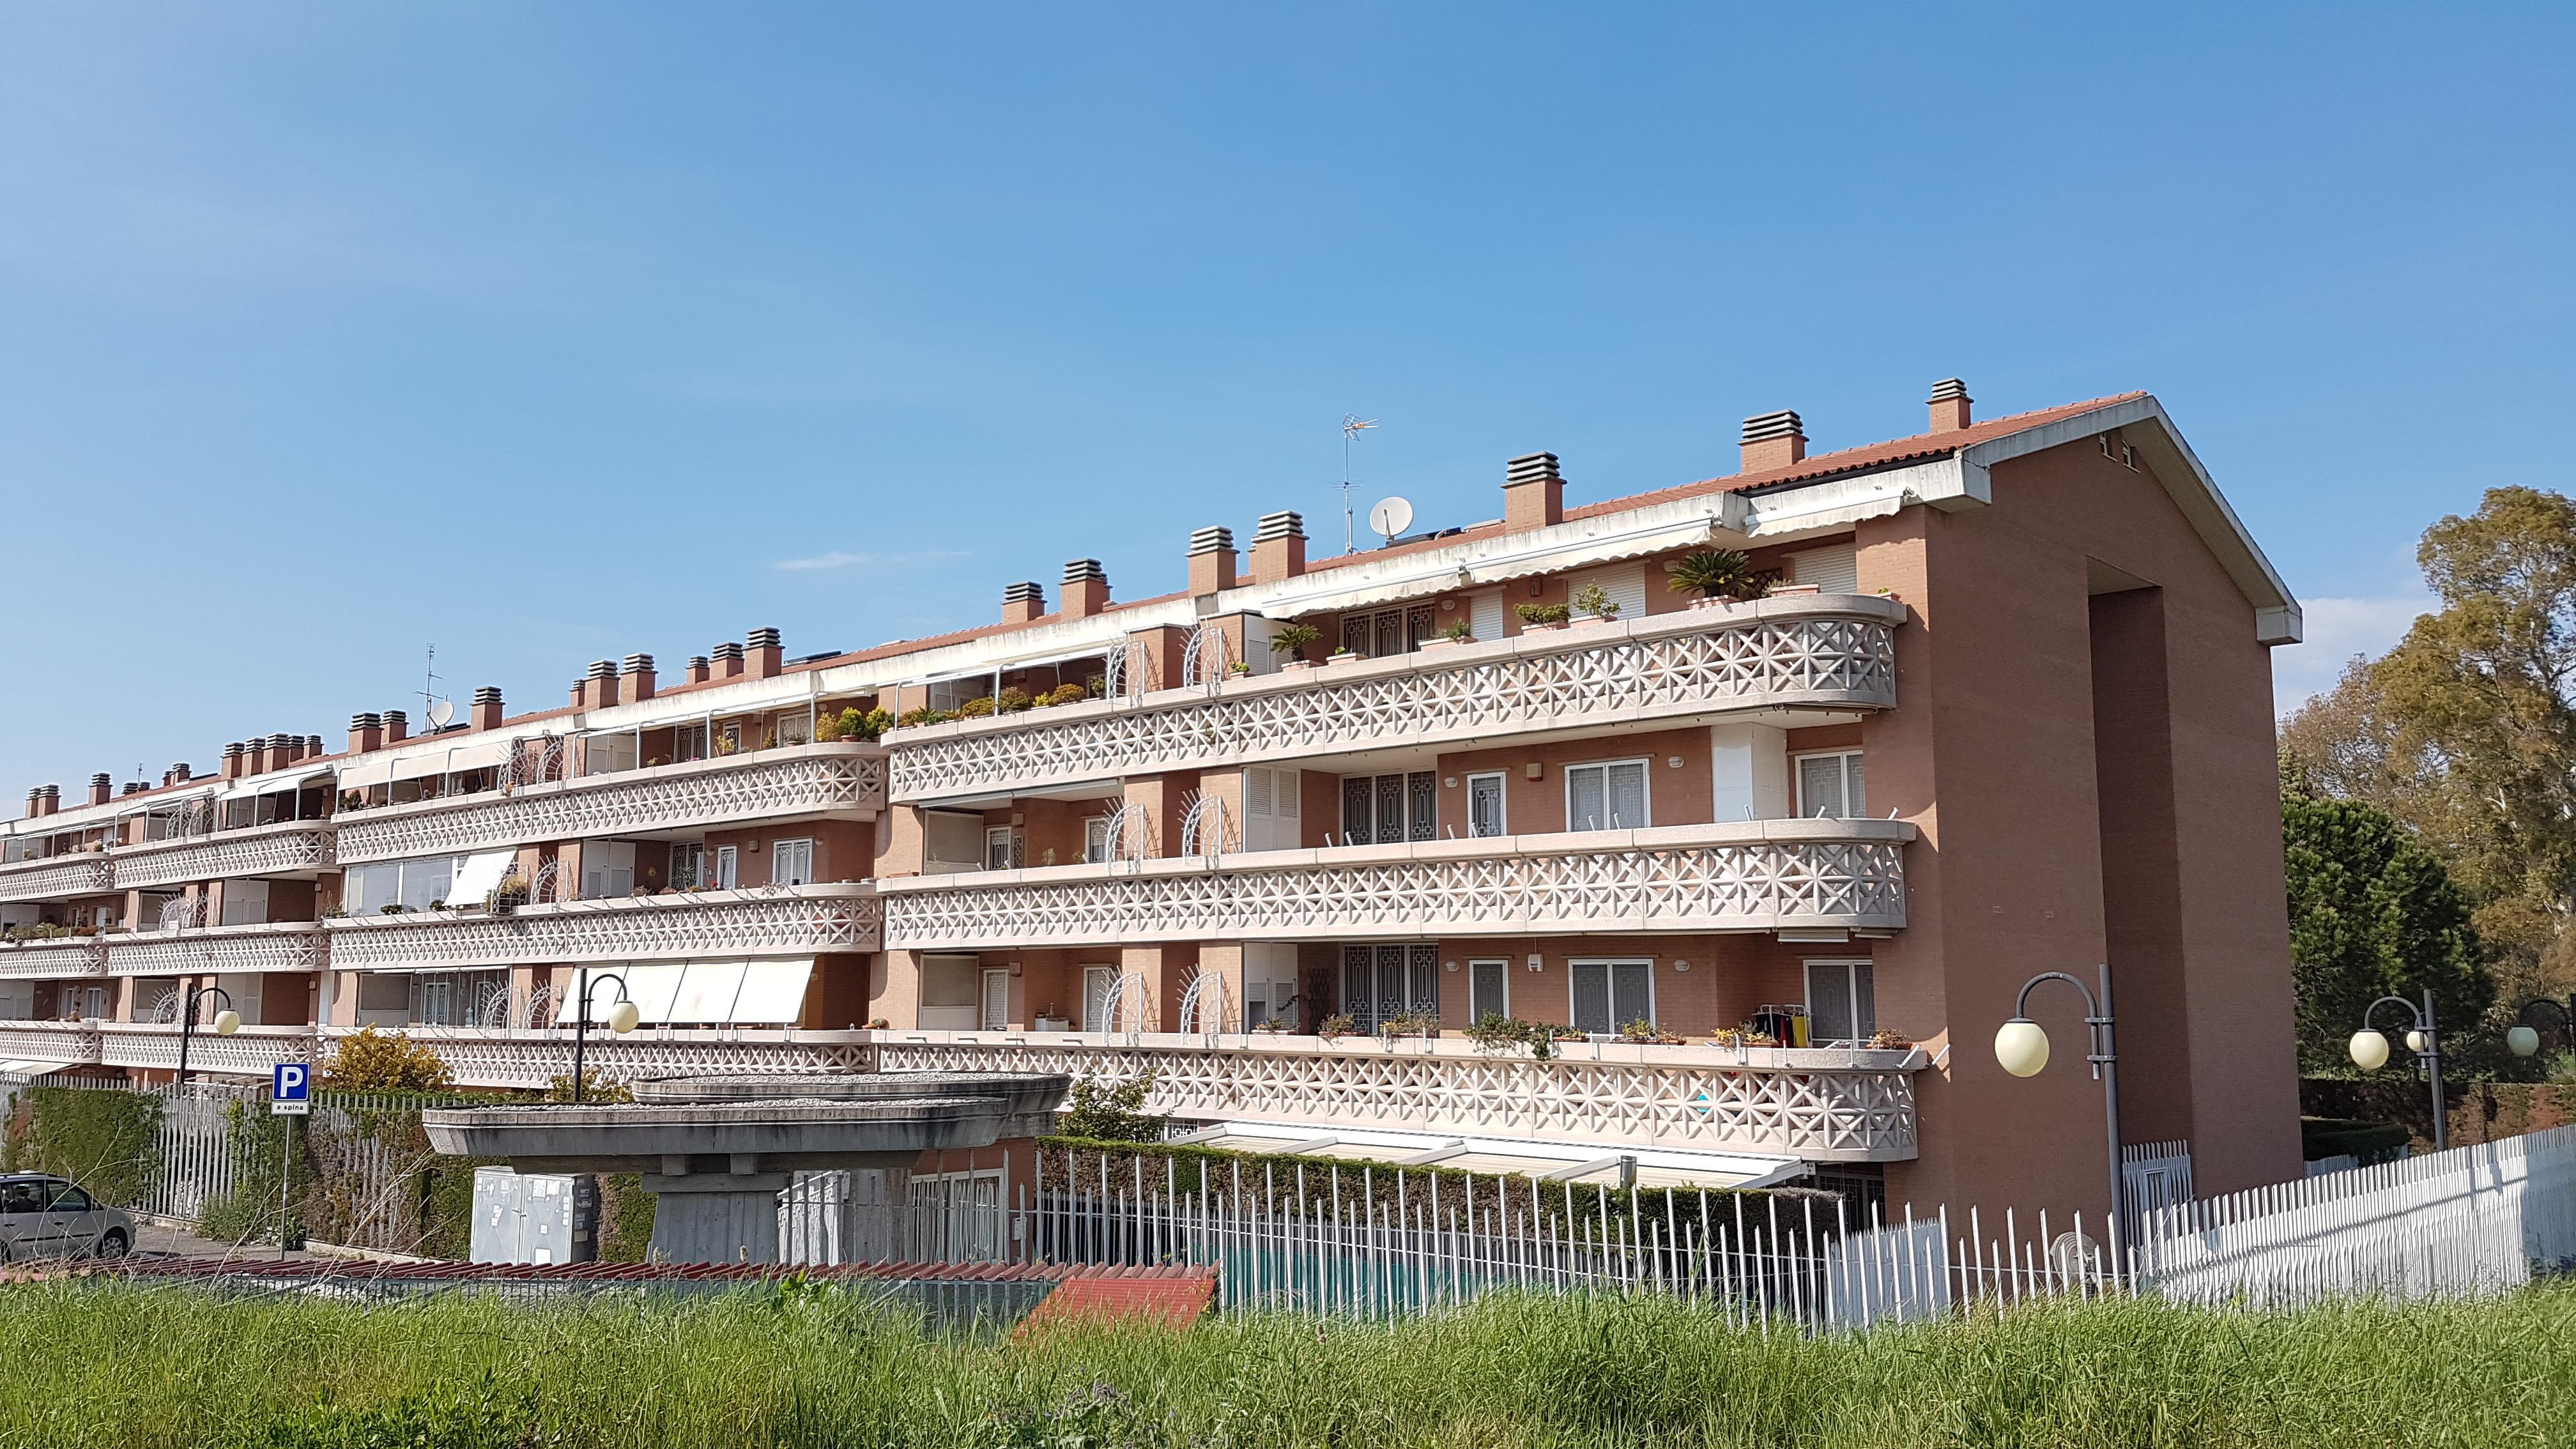 Vendita casa a roma in via massimo grillandi colle for Casa a roma vendita